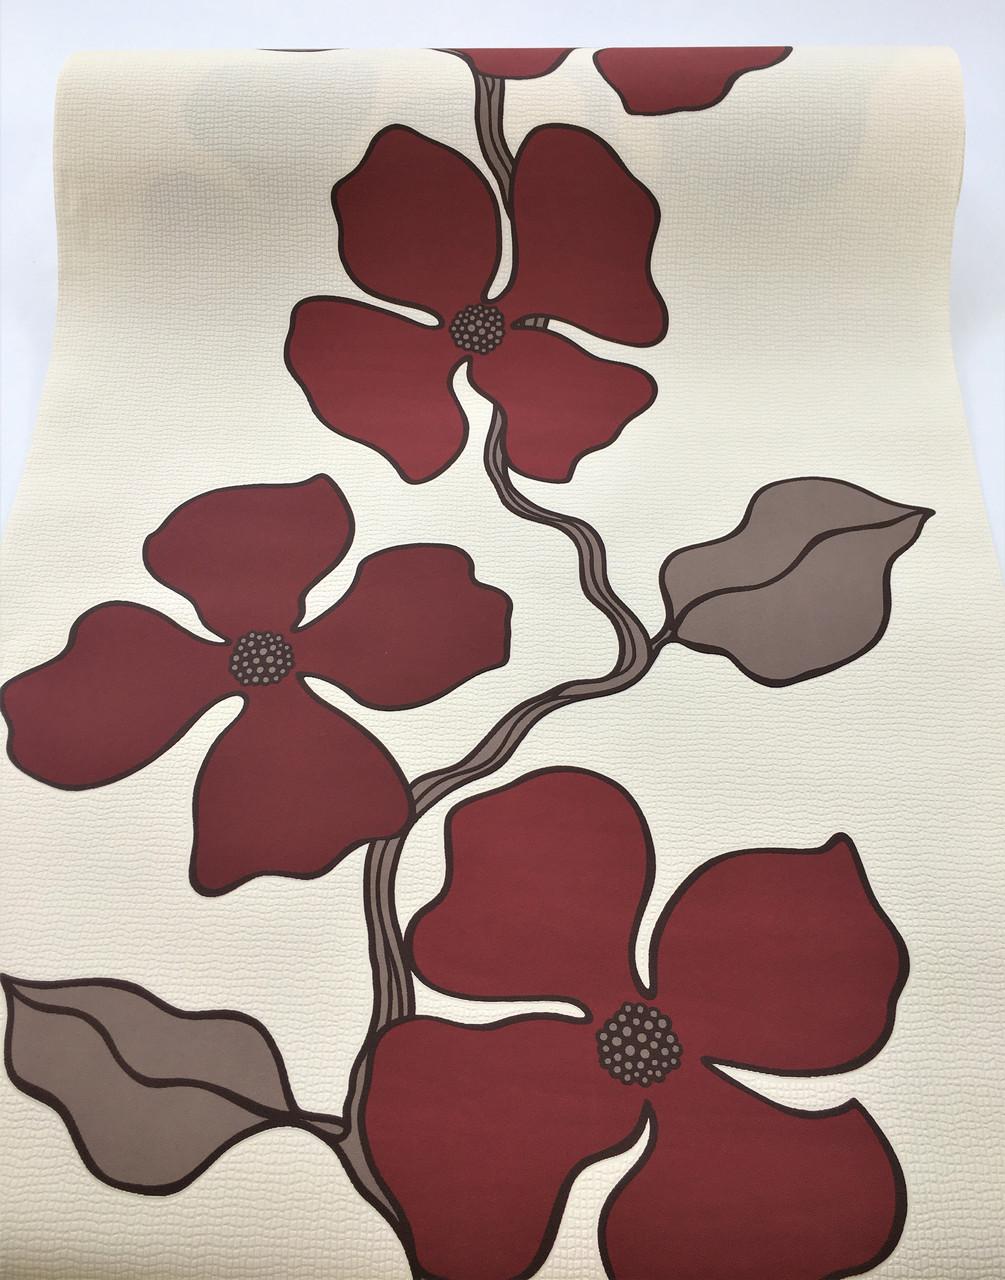 Фактурні німецькі флізелінові шпалери 140944, з великими і яскравими бордовими квітами на пастельному кремовому тлі